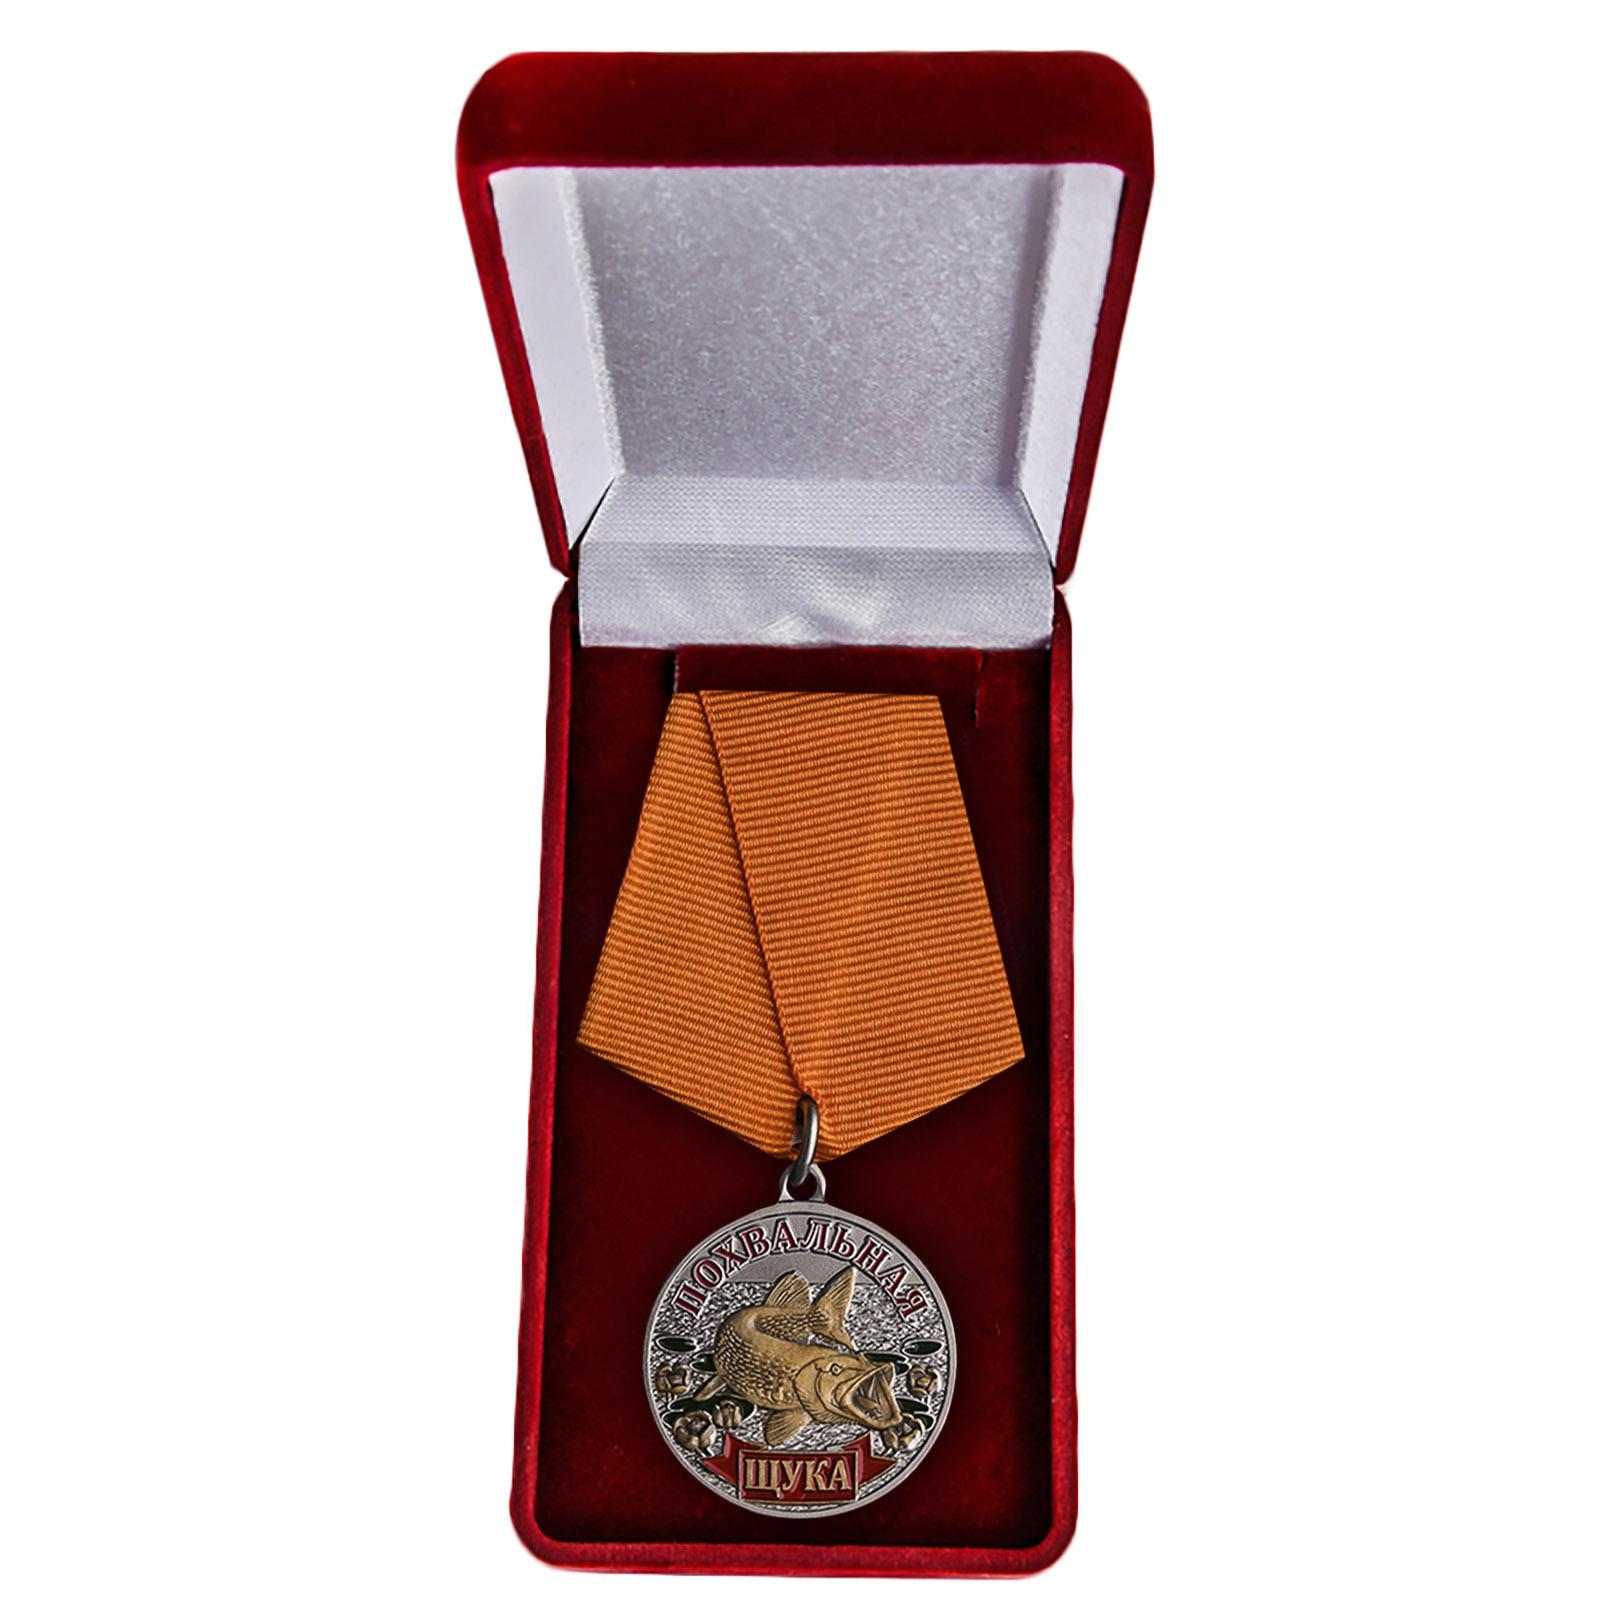 """Медаль """"Щука"""" заказать в Военпро заказать в Военпро"""